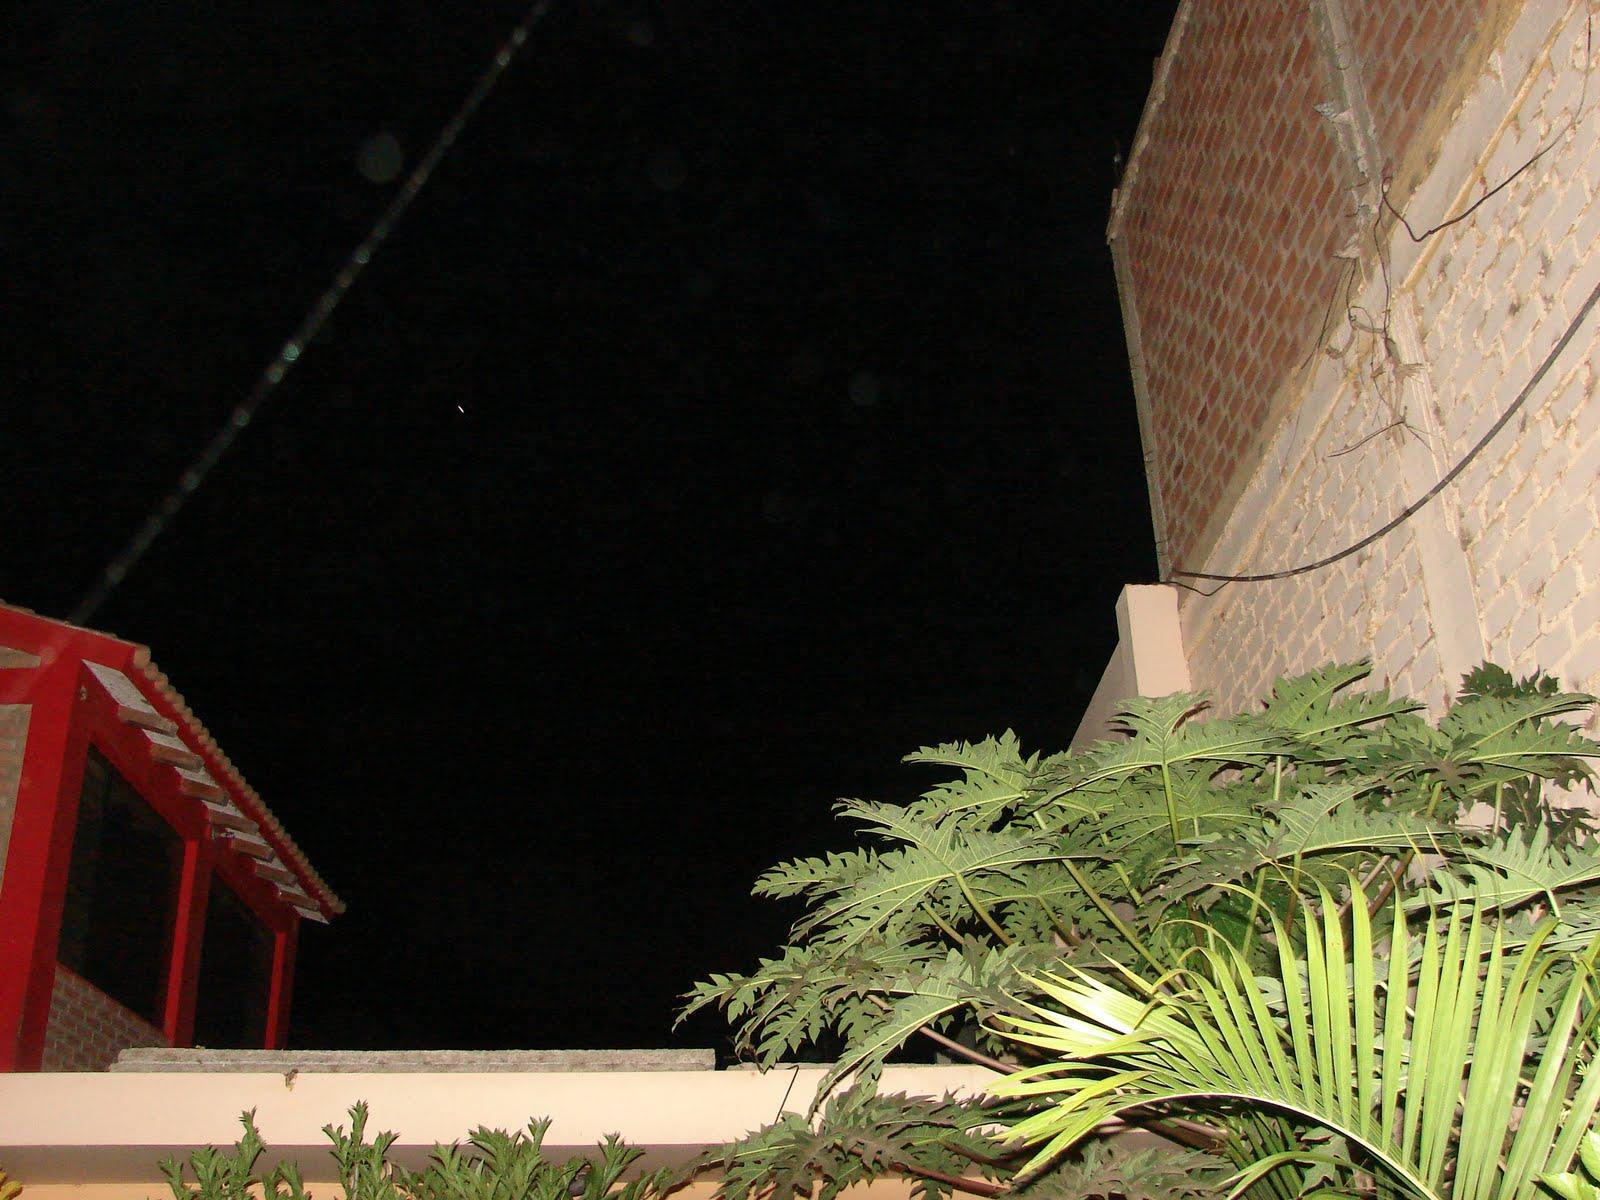 6-mayo-7-8-9...2011 avistamientos Ovni lanzando LASERS sec...